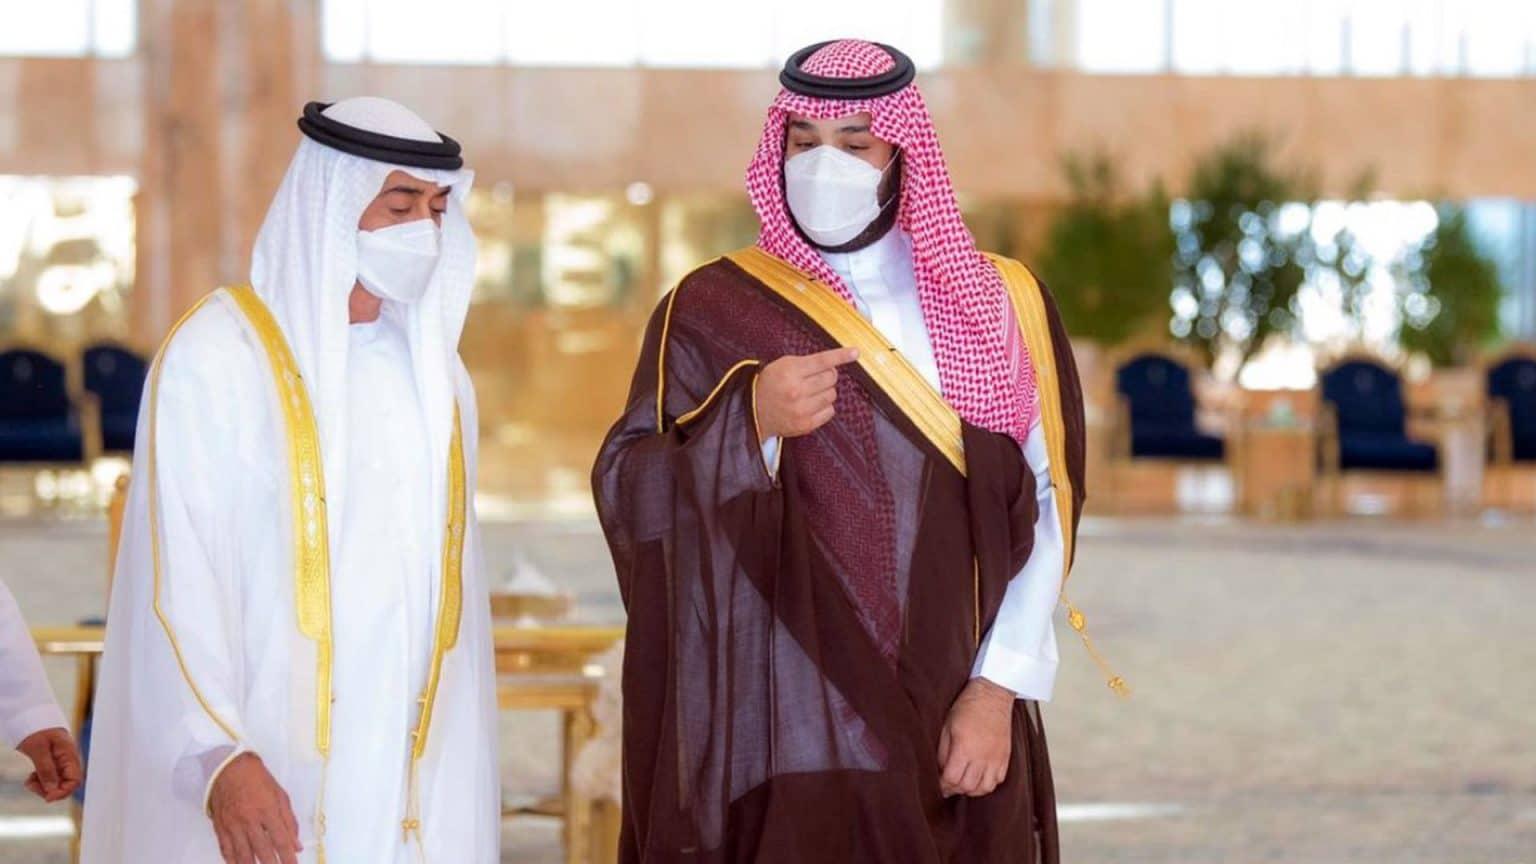 هكذا أذل محمد بن سلمان ولي عهد أبوظبي محمد بن زايد في زيارته الأخيرة إلى الرياض